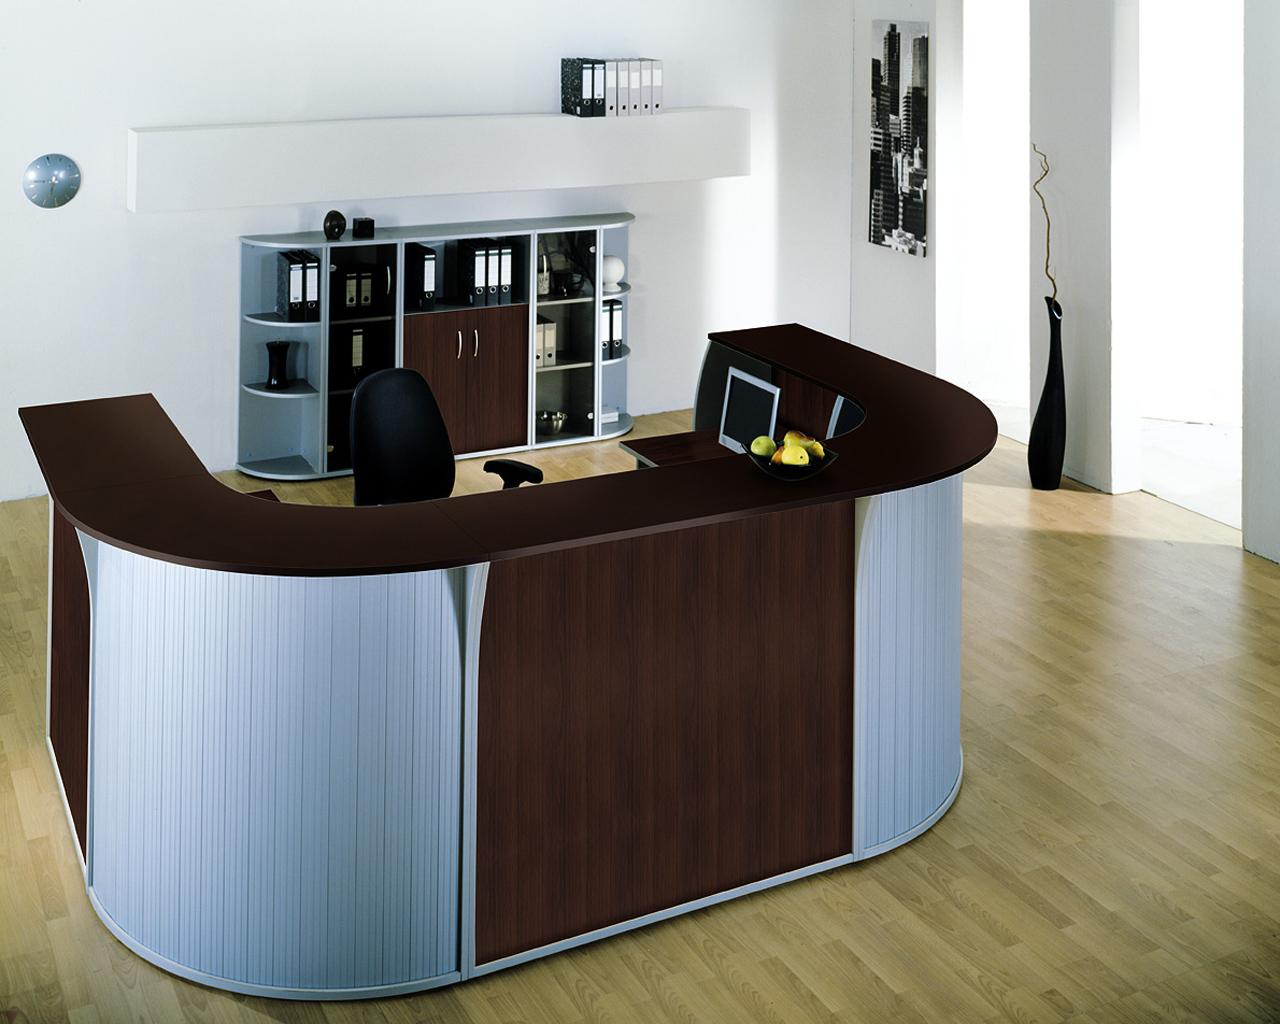 Ресепшн столы фото